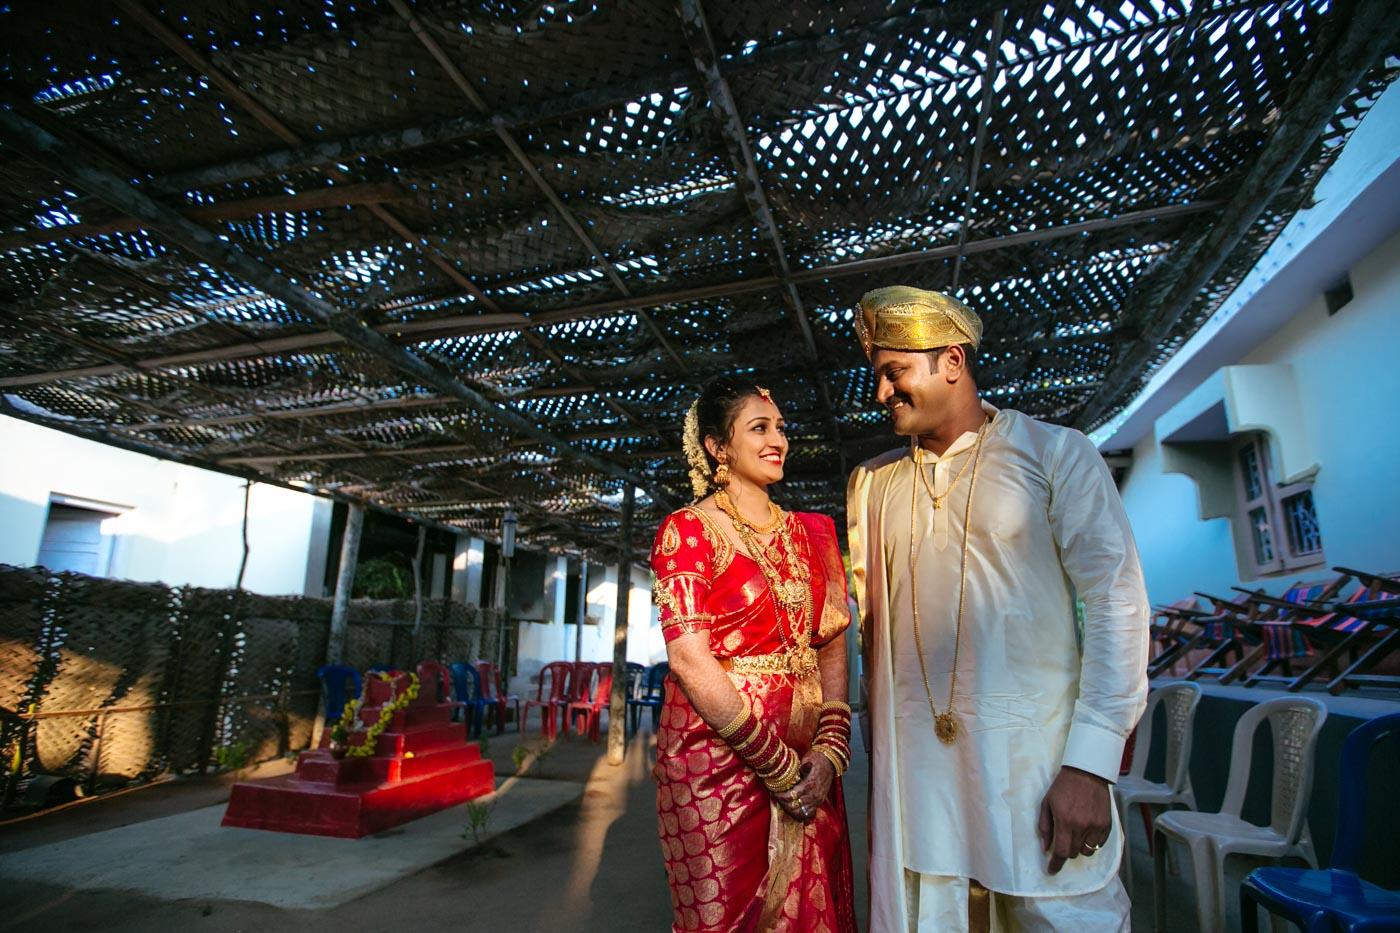 Pragathi & Rishabh Shetty - A Celebrity Wedding @ Kundapura